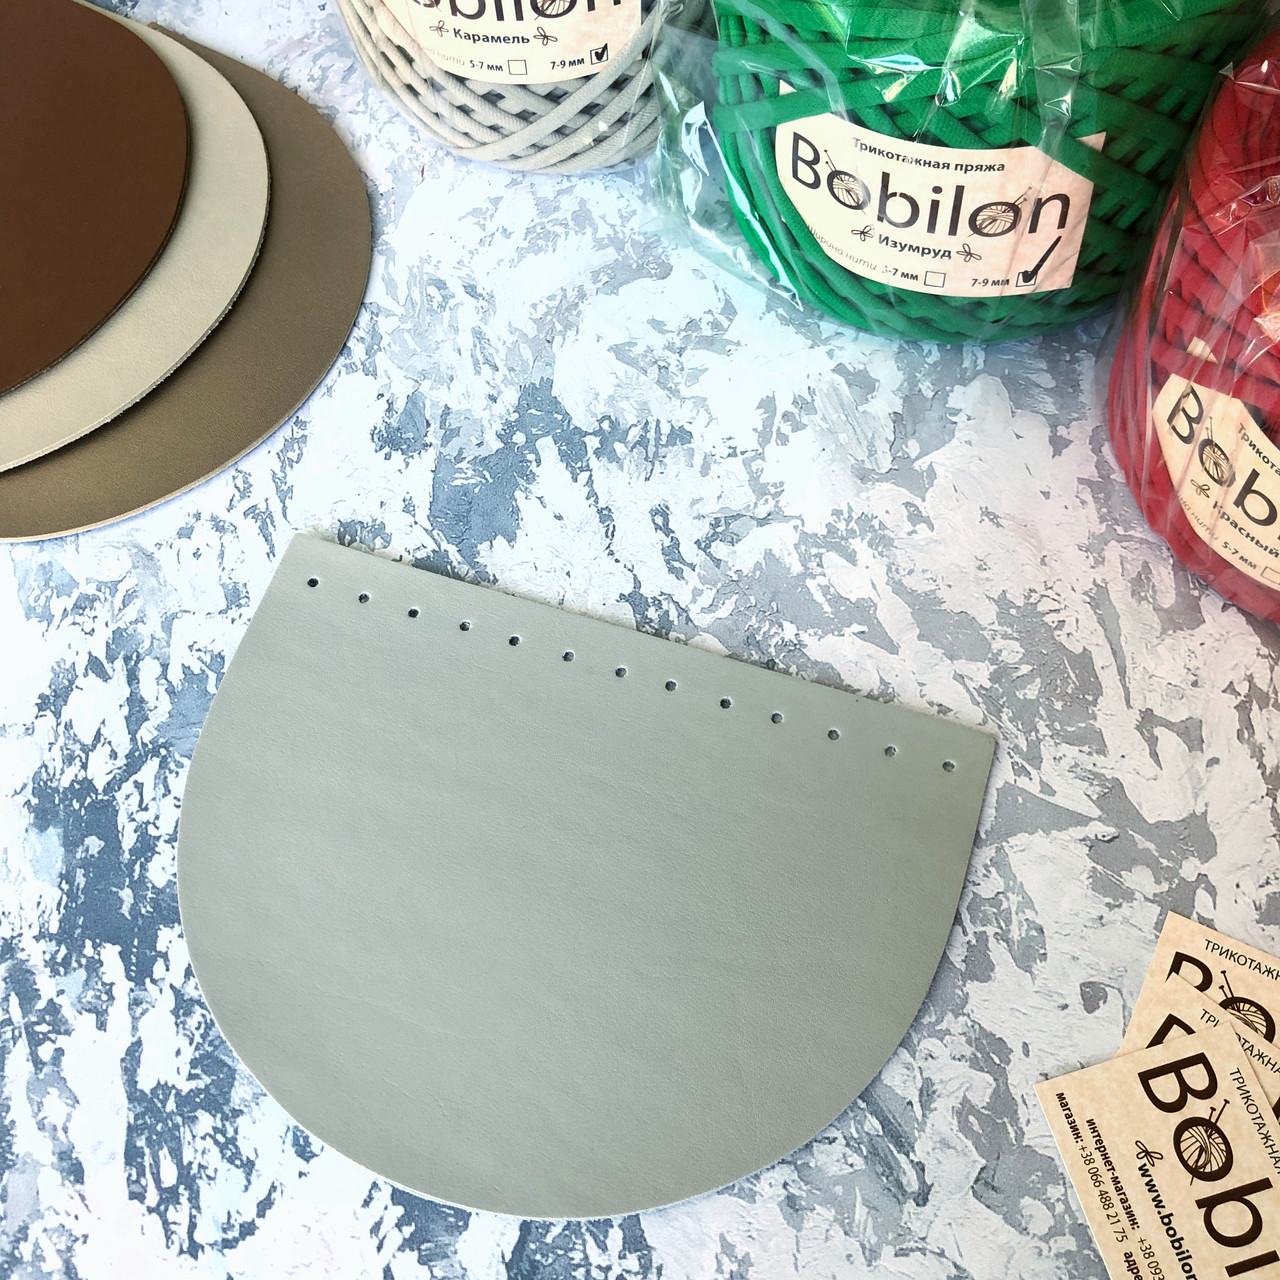 Крышка для сумки из эко-кожи. Цвет светло-серый